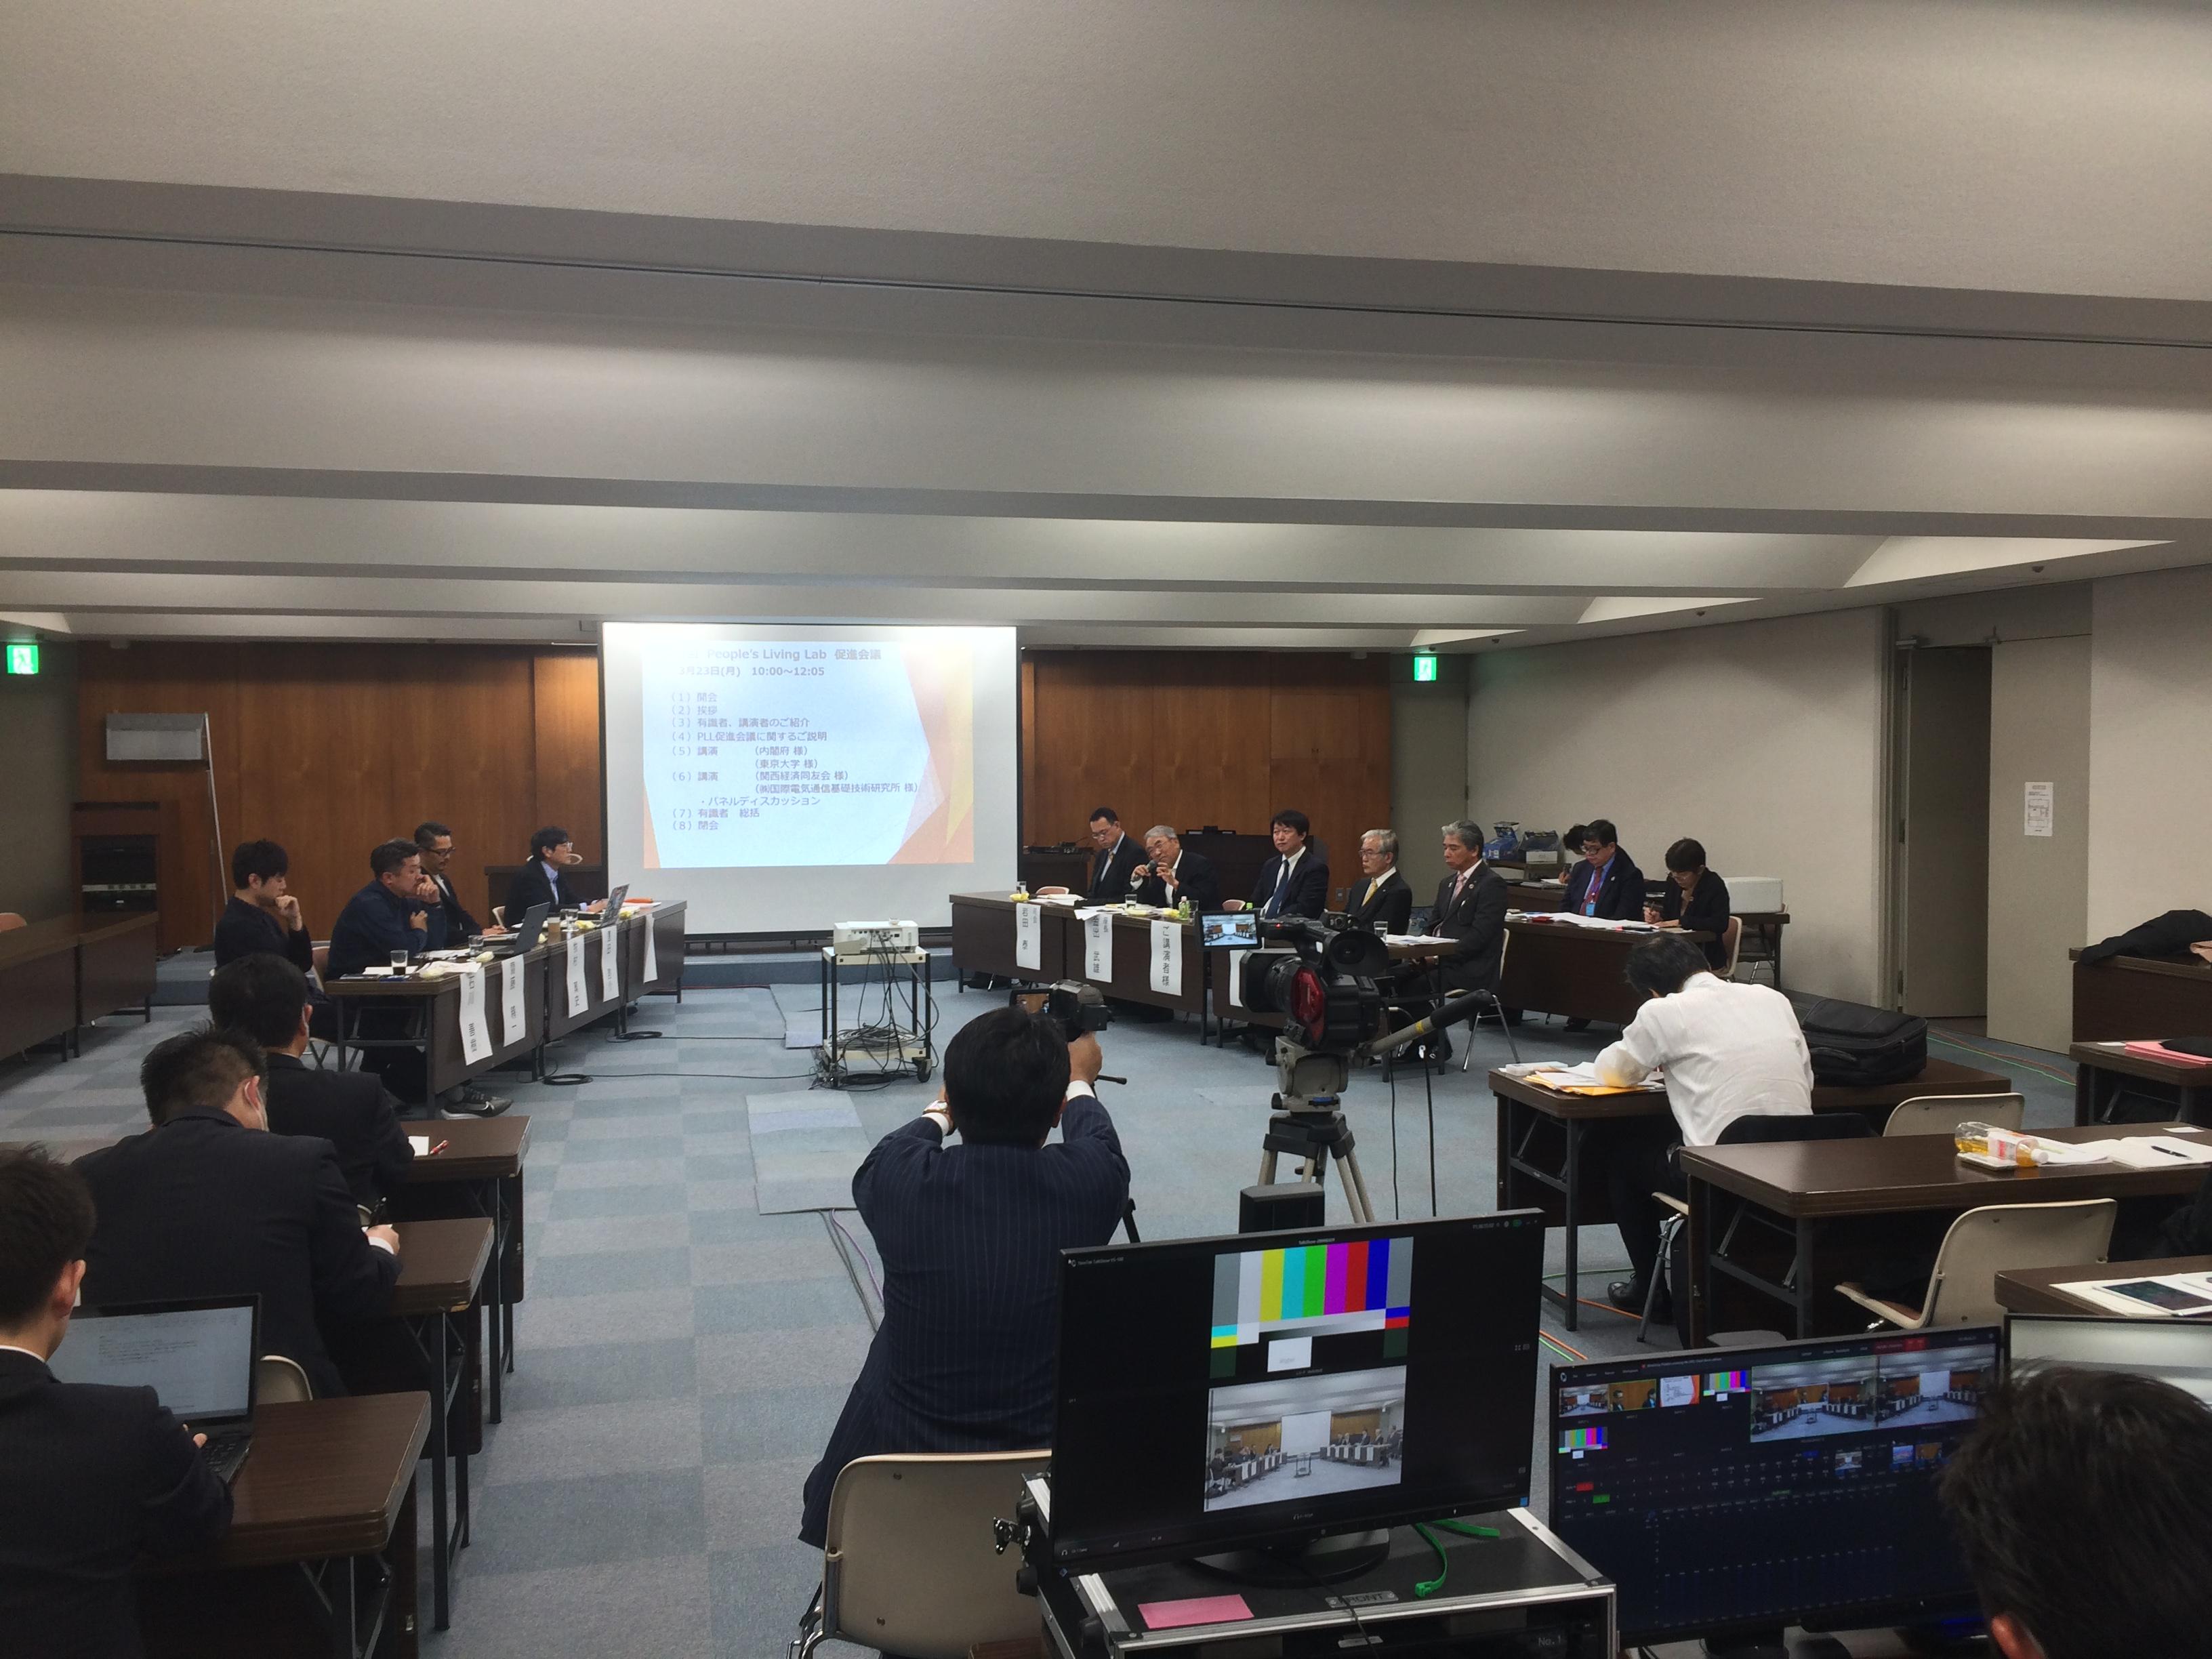 PLL促進会議に登壇 ~24時間開場の検討など提案~